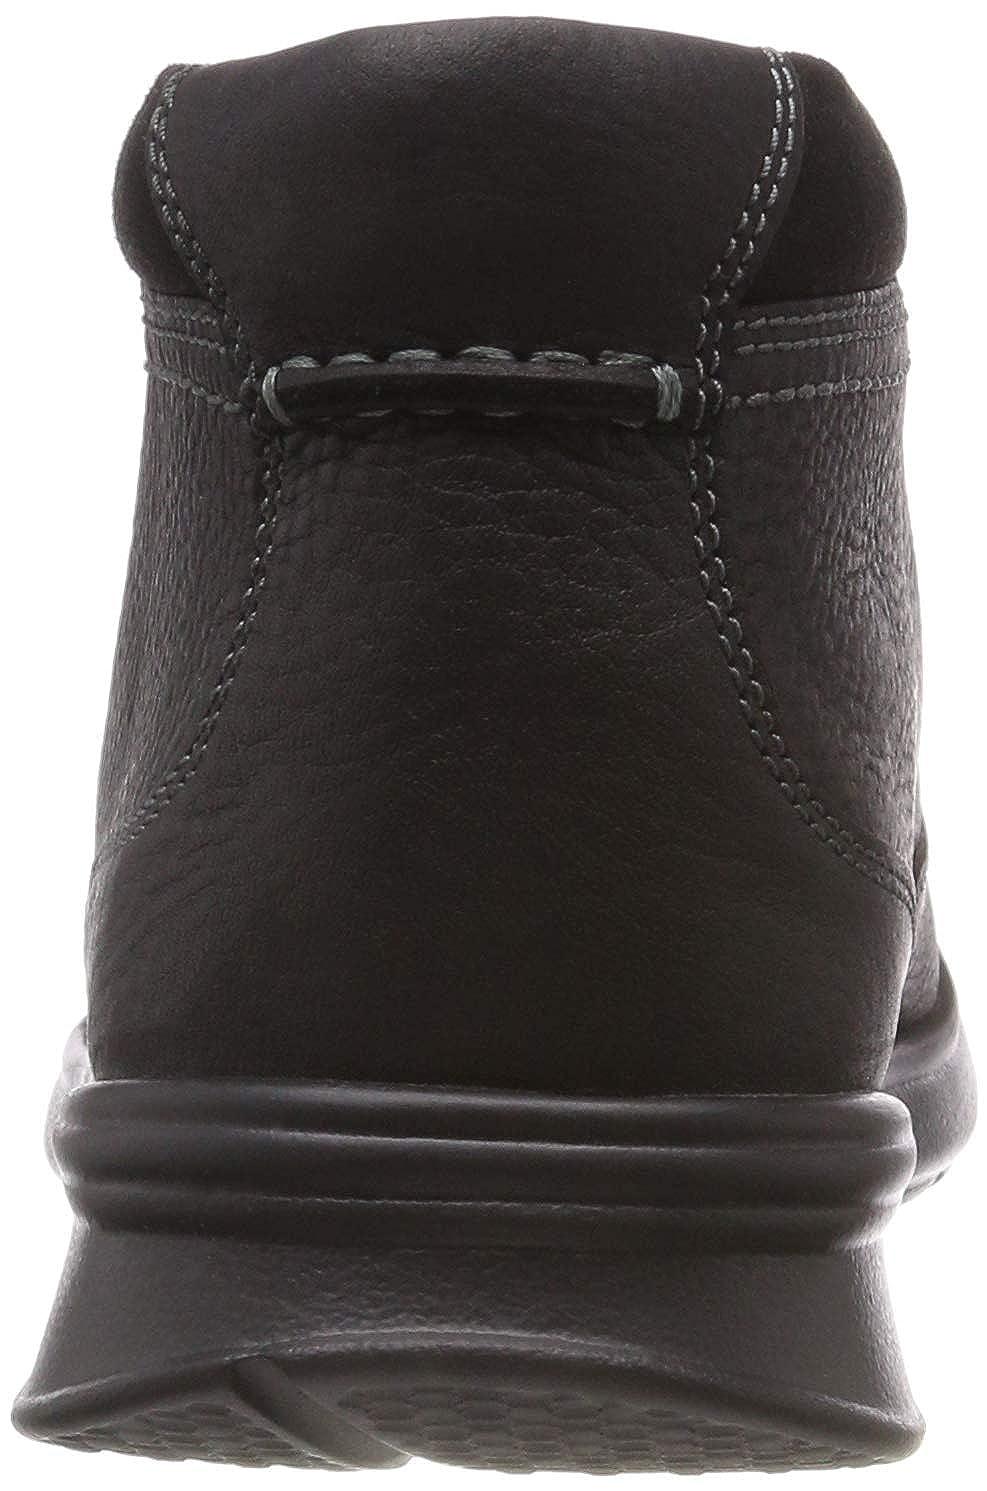 Clarks Herren Cotrell Cotrell Cotrell Top Klassische Stiefel 26a73f